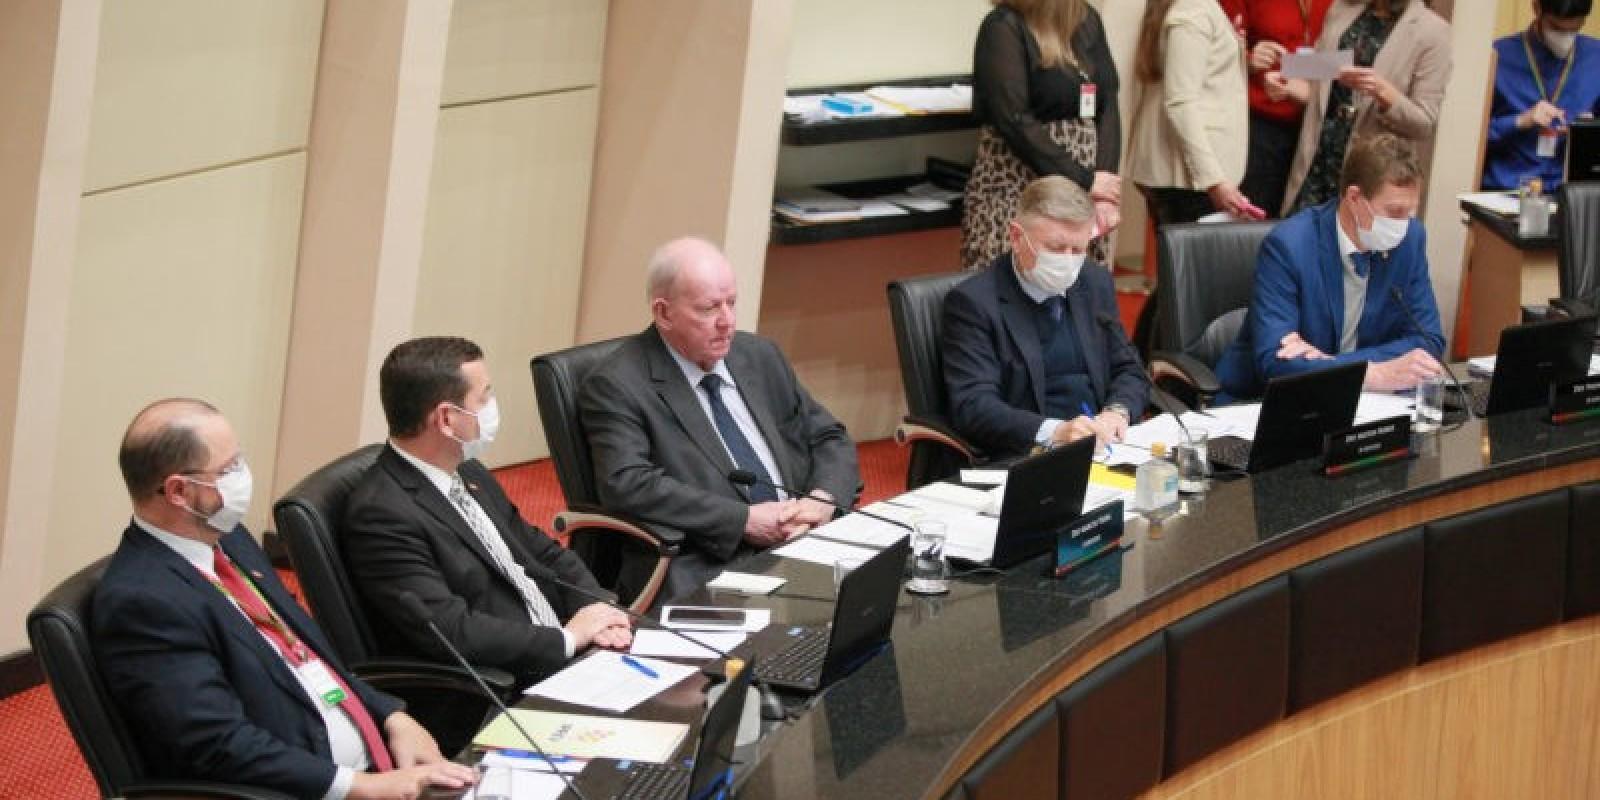 Reforma da Previdência é discutida em audiência pública na Alesc